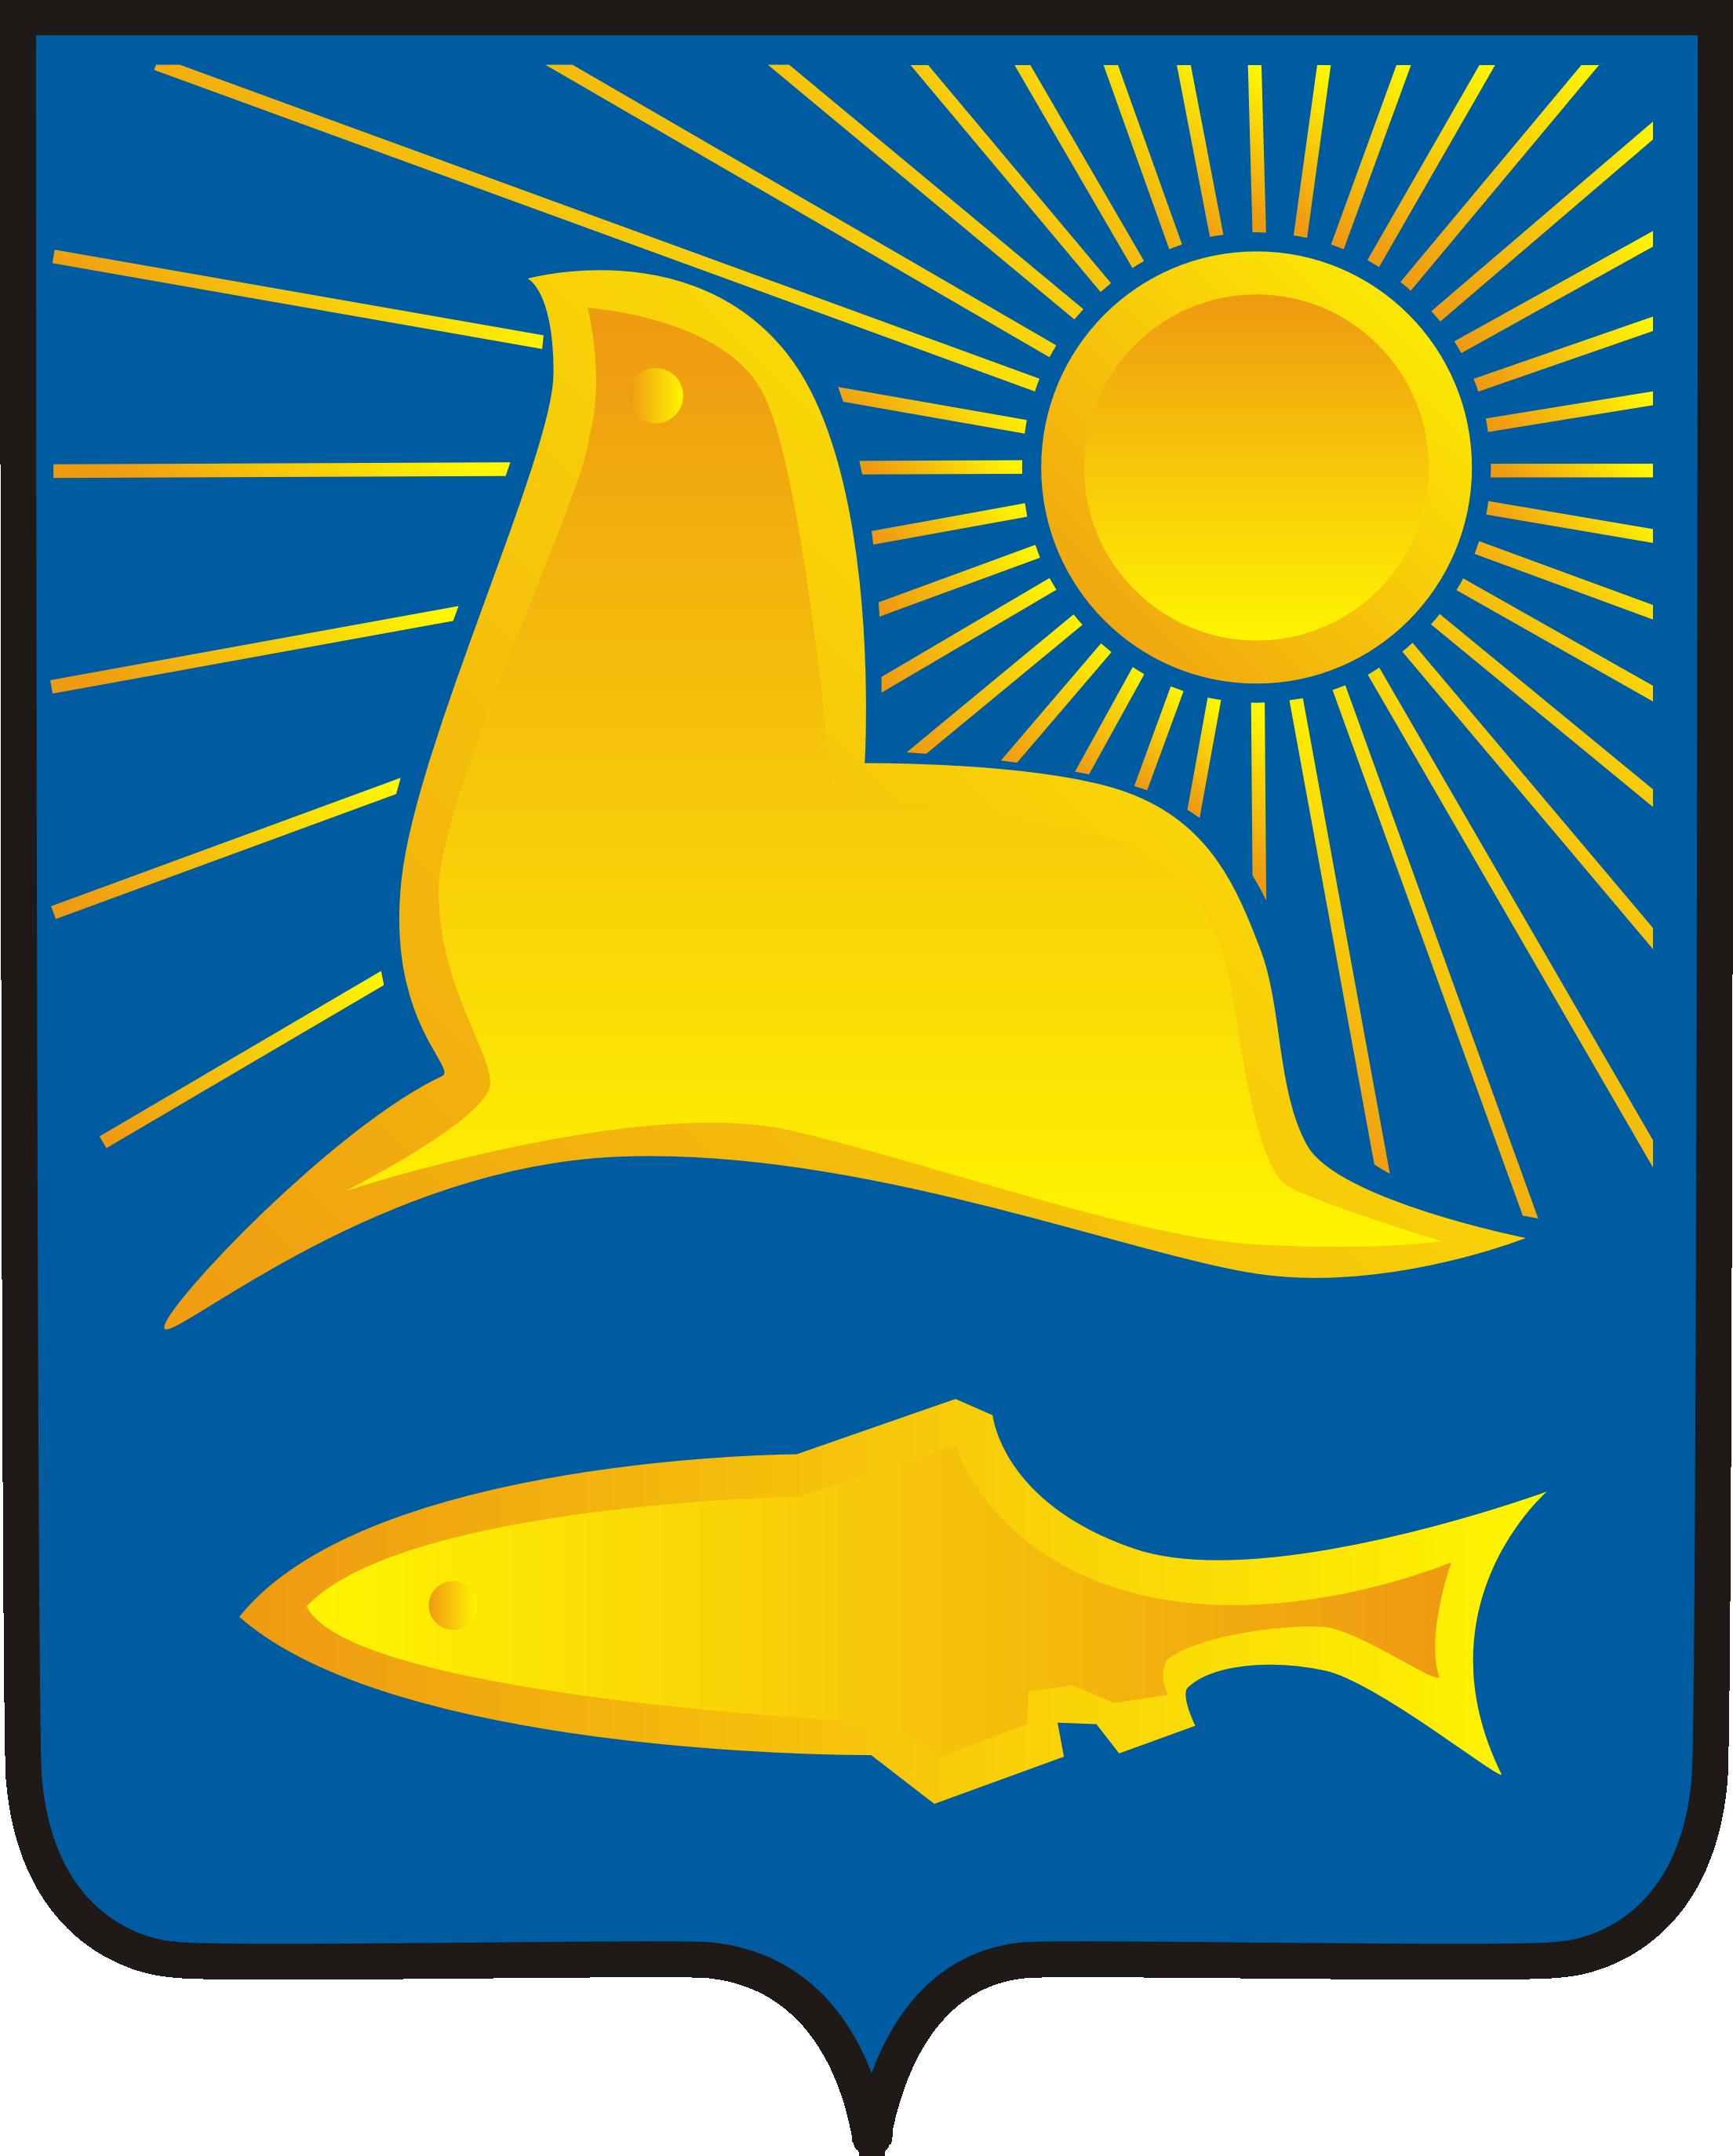 герб Невельского городского округа